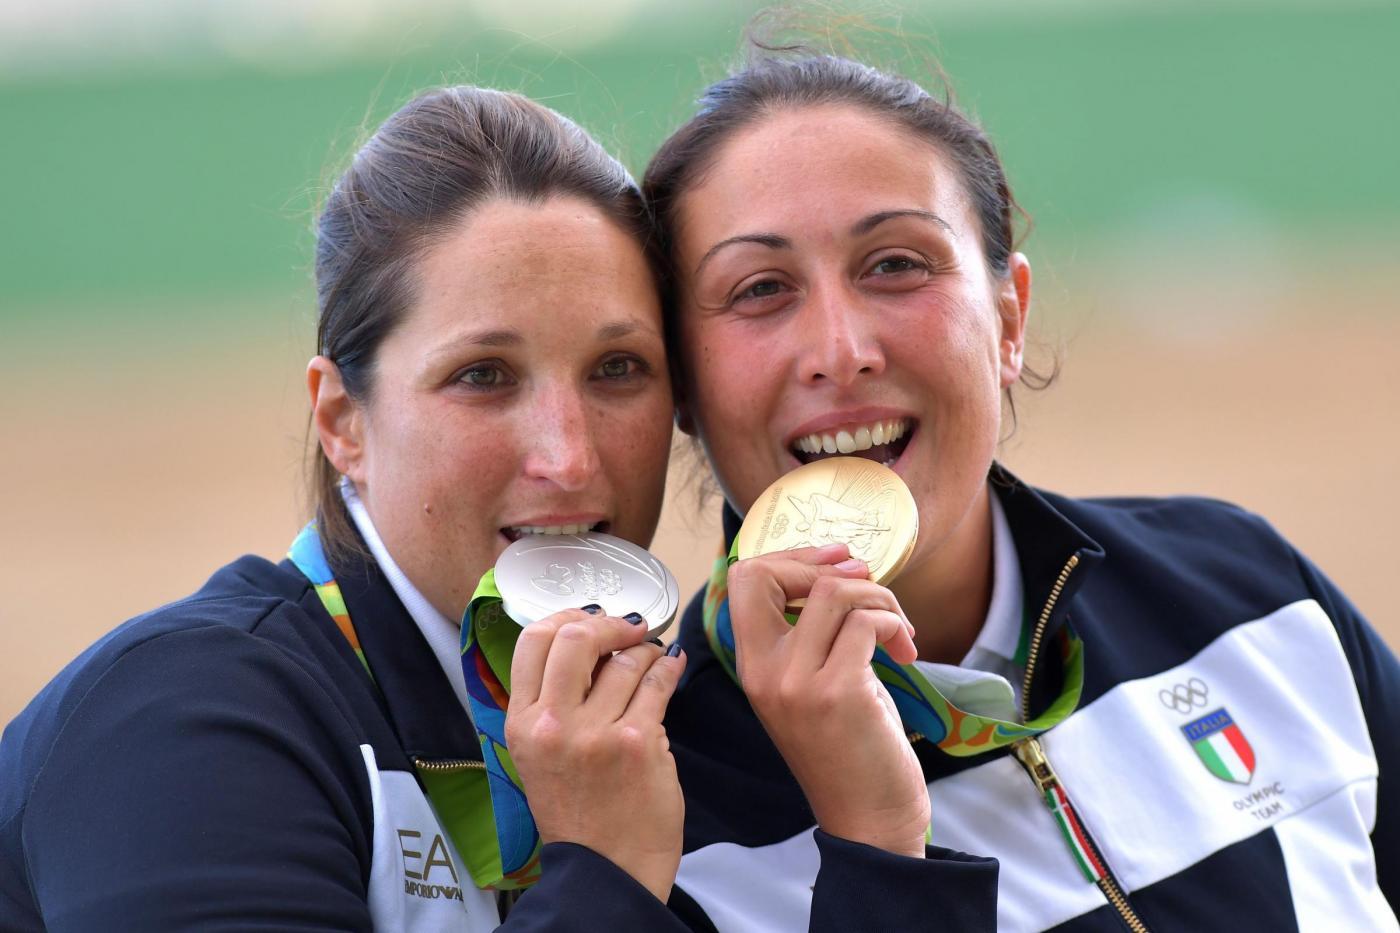 Olimpiadi 2016: Diana Bacosi oro e Chiara Cainero argento nello skeet